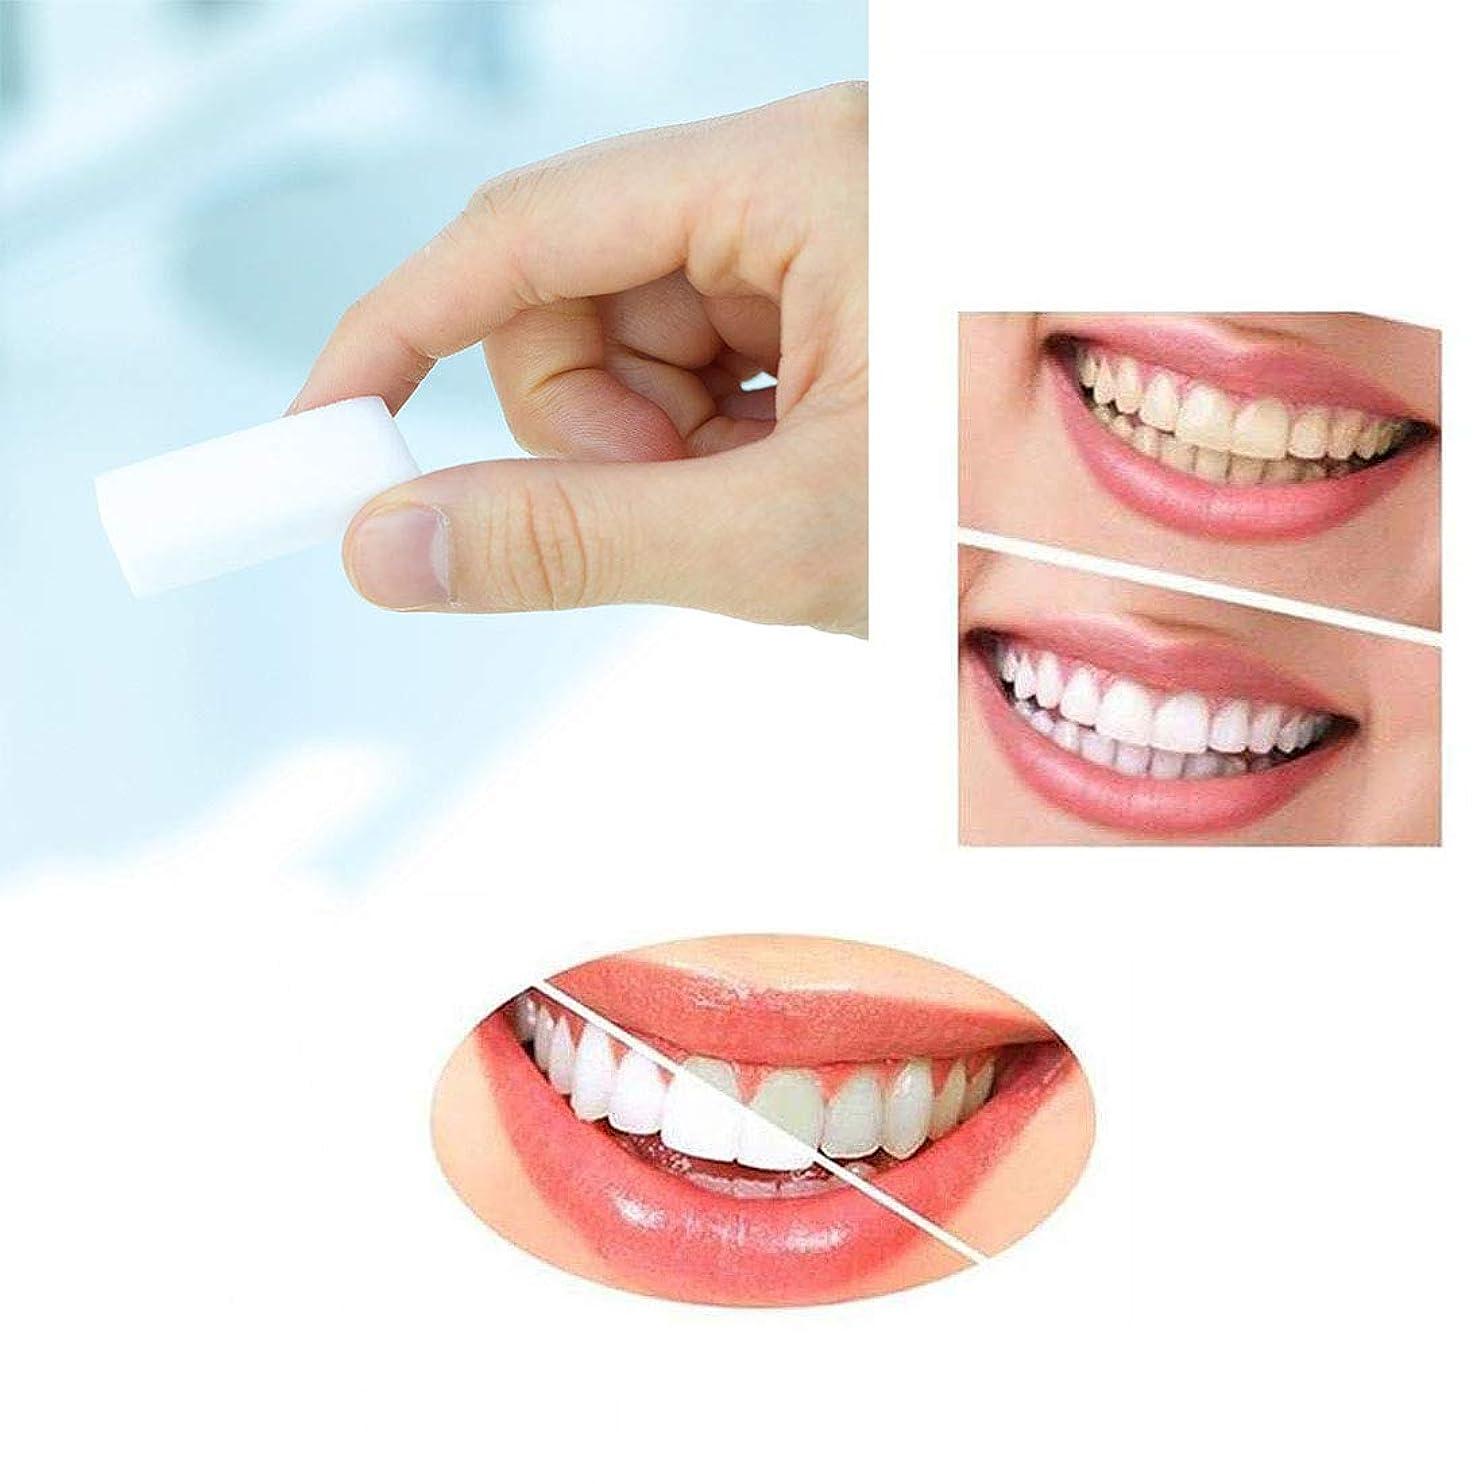 エンジニアリング準備するかどうかキットを白くする3PCS歯の歯科きれいな白くなる消す物の汚れの除去剤の皮の棒